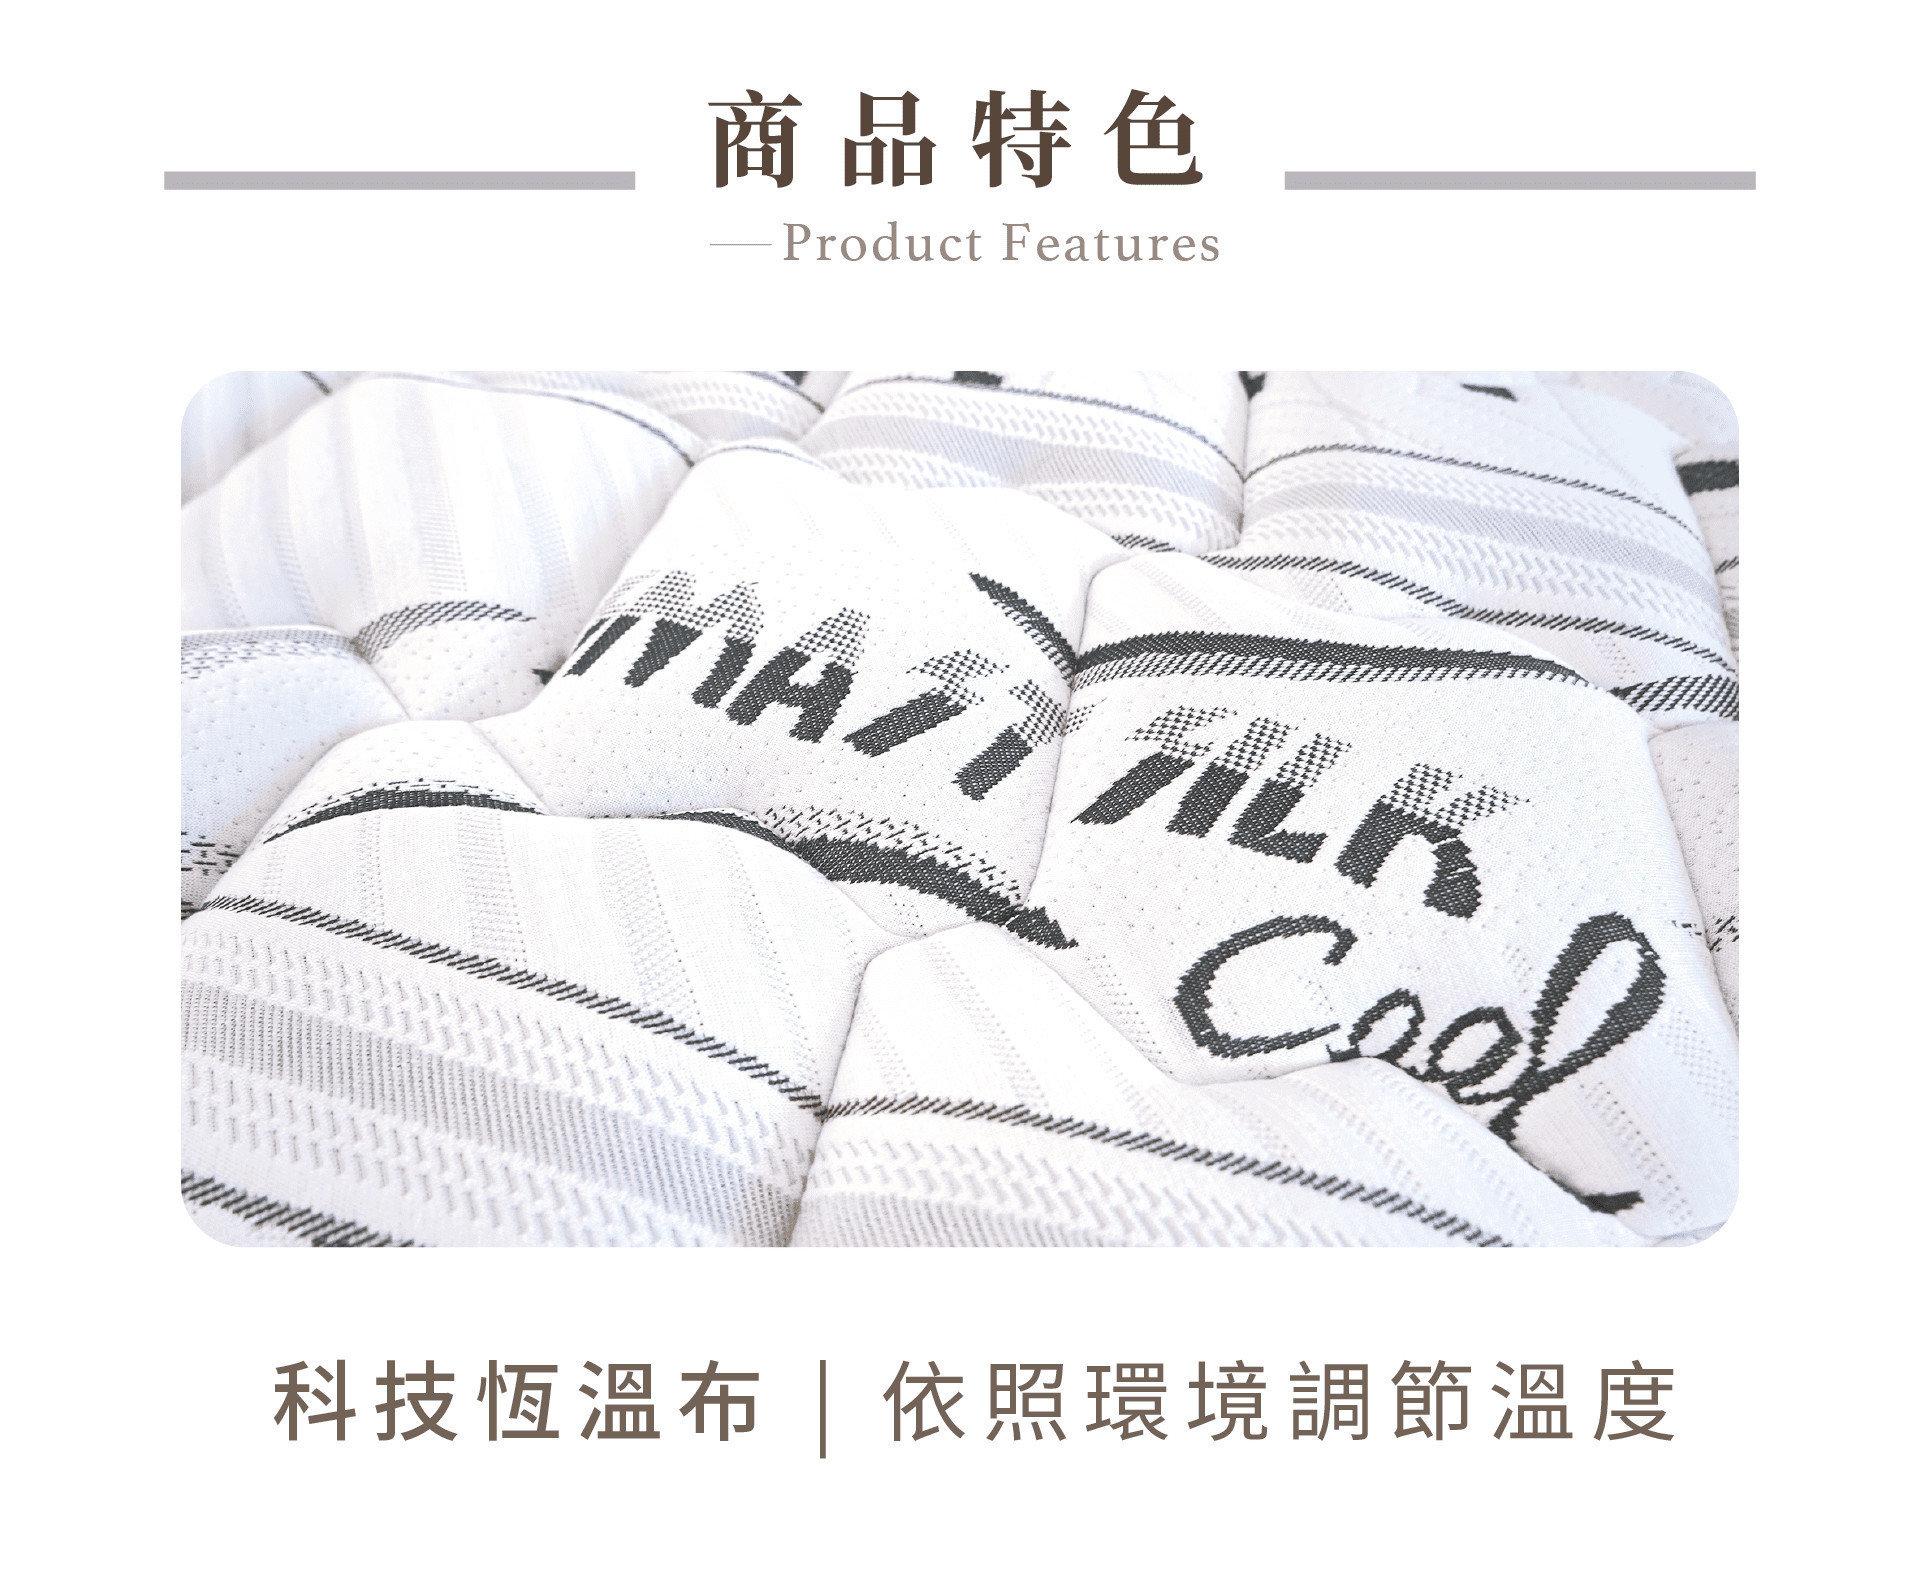 【涵碧樓 二線恆溫獨立筒】表布採科技恆溫布料,可以有效調解人體體溫,達到涼感效果。